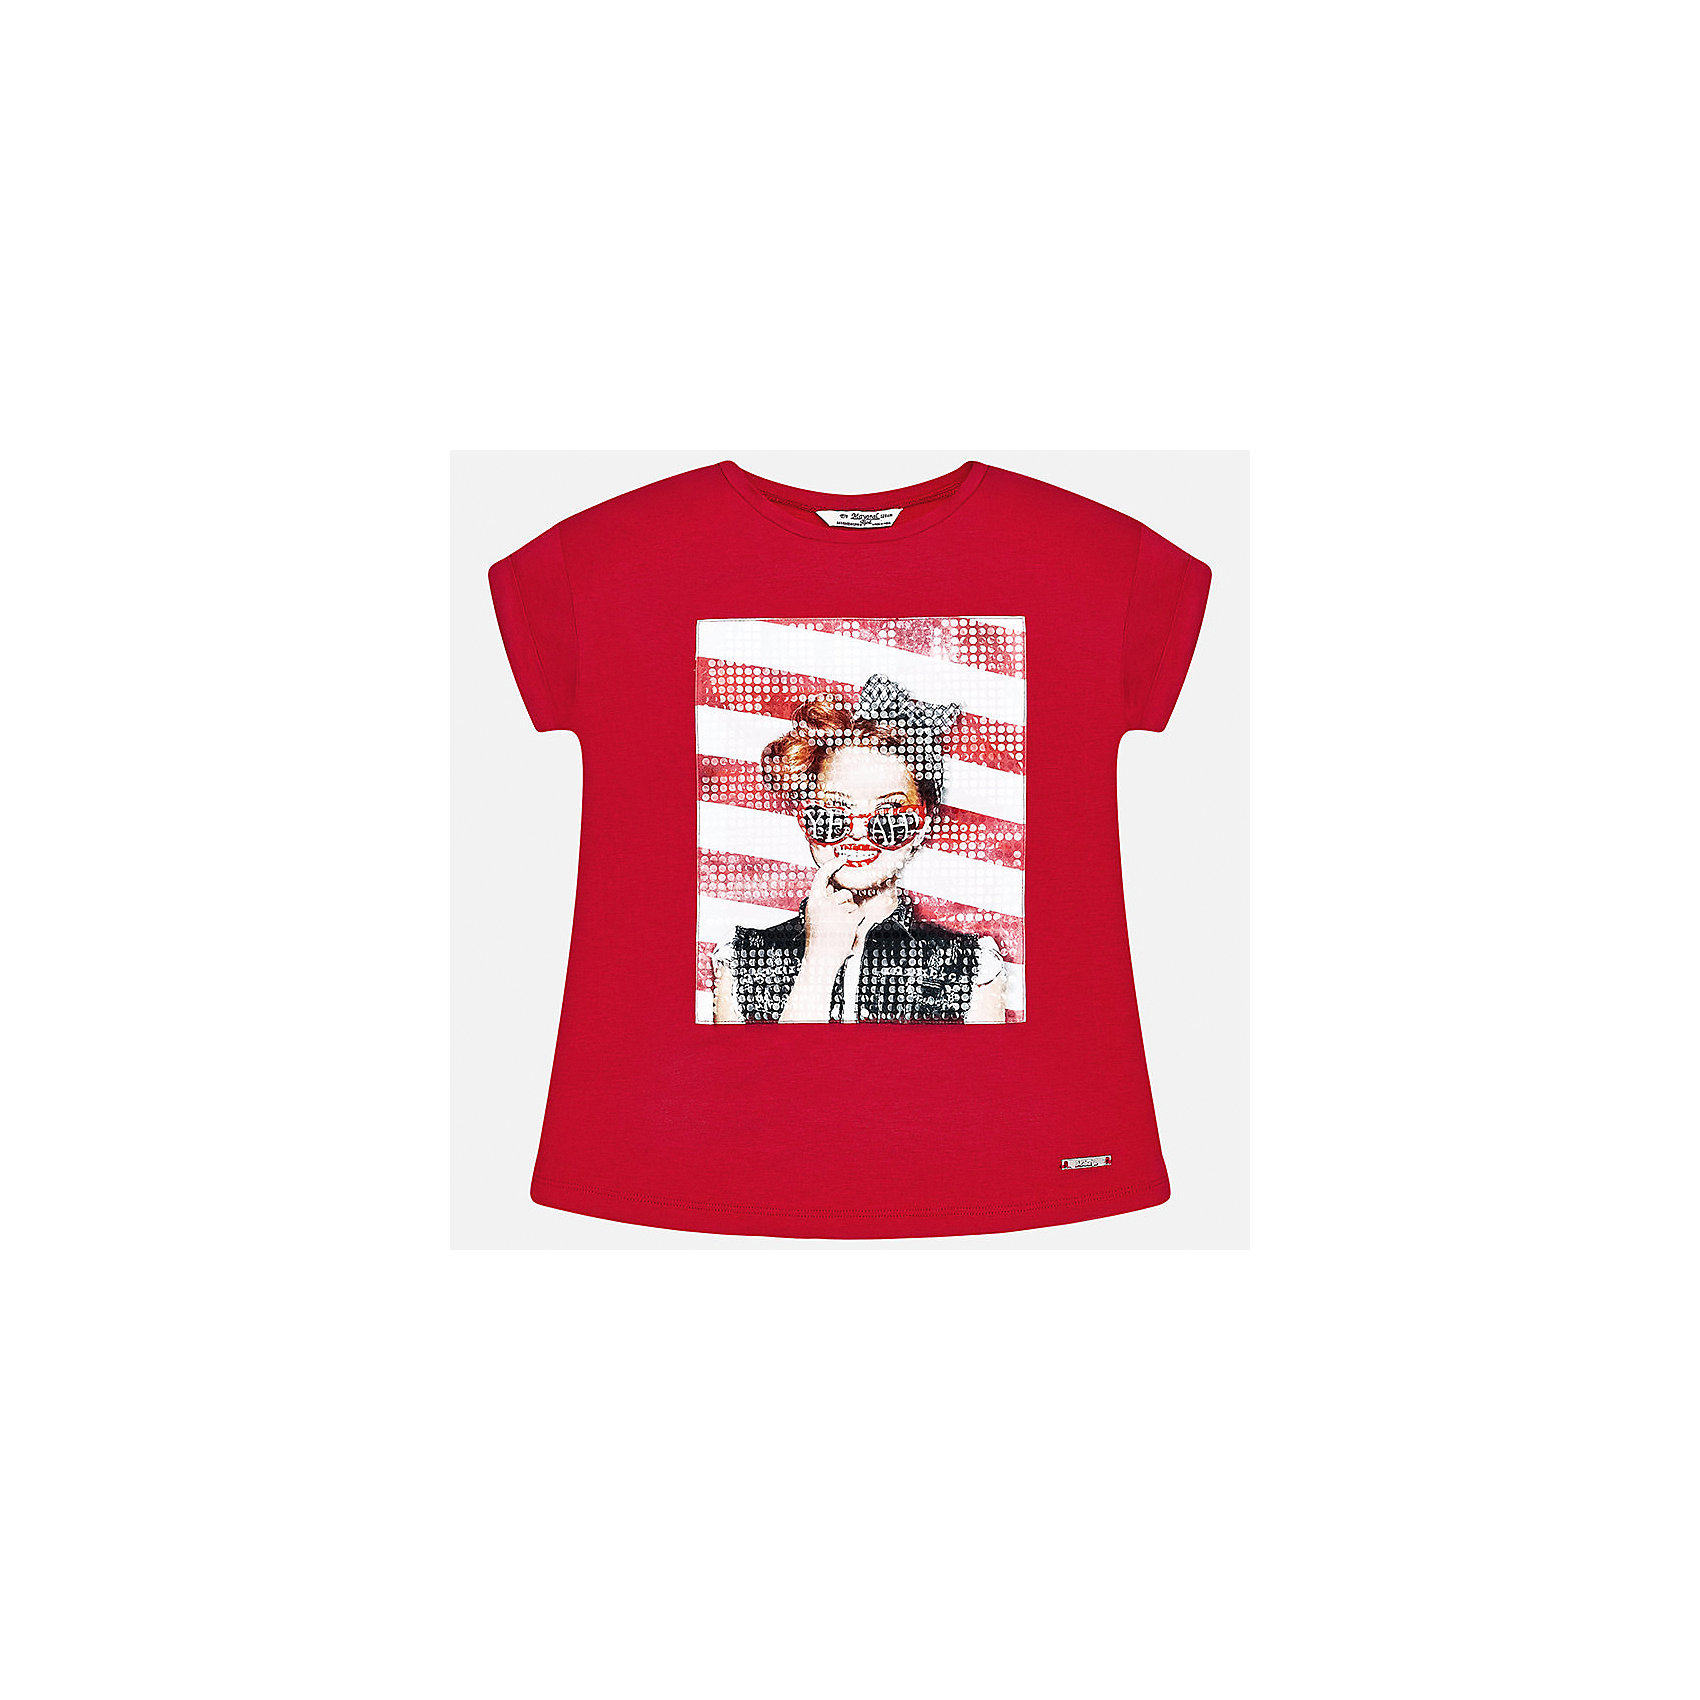 Футболка для девочки MayoralФутболки, поло и топы<br>Характеристики товара:<br><br>• цвет: красный<br>• состав: 95% вискоза, 5% эластан<br>• декорирована принтом<br>• короткие рукава<br>• округлый горловой вырез<br>• страна бренда: Испания<br><br>Стильная качественная футболка для девочки поможет разнообразить гардероб ребенка и украсить наряд. Она отлично сочетается и с юбками, и с шортами, и с брюками. Универсальный цвет позволяет подобрать к вещи низ практически любой расцветки. Интересная отделка модели делает её нарядной и оригинальной. <br><br>Одежда, обувь и аксессуары от испанского бренда Mayoral полюбились детям и взрослым по всему миру. Модели этой марки - стильные и удобные. Для их производства используются только безопасные, качественные материалы и фурнитура. Порадуйте ребенка модными и красивыми вещами от Mayoral! <br><br>Футболку для девочки от испанского бренда Mayoral (Майорал) можно купить в нашем интернет-магазине.<br><br>Ширина мм: 199<br>Глубина мм: 10<br>Высота мм: 161<br>Вес г: 151<br>Цвет: красный<br>Возраст от месяцев: 168<br>Возраст до месяцев: 180<br>Пол: Женский<br>Возраст: Детский<br>Размер: 170,128/134,140,152,158,164<br>SKU: 5292505